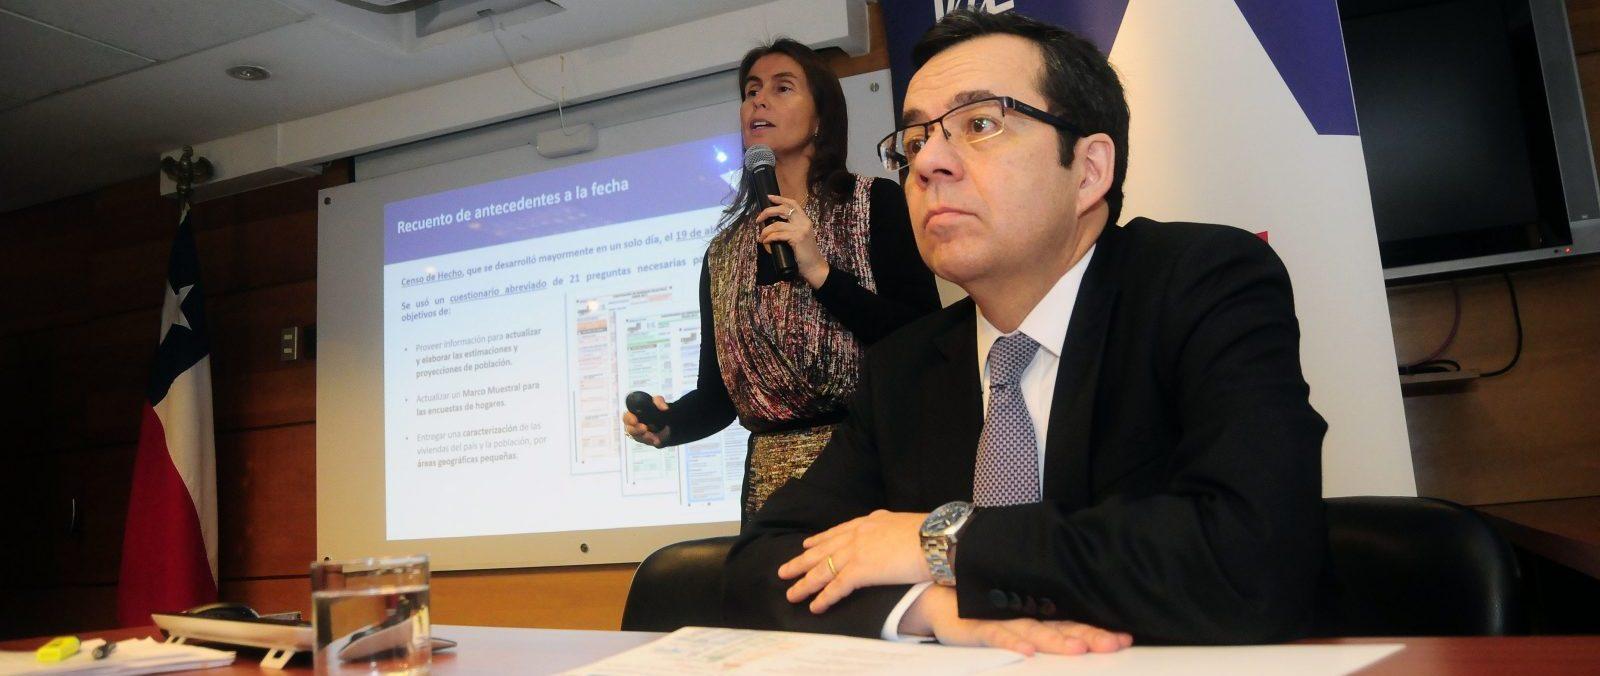 Ministro de Economia Luis Felipe Cespedes entrega resultados preliminares del Censo